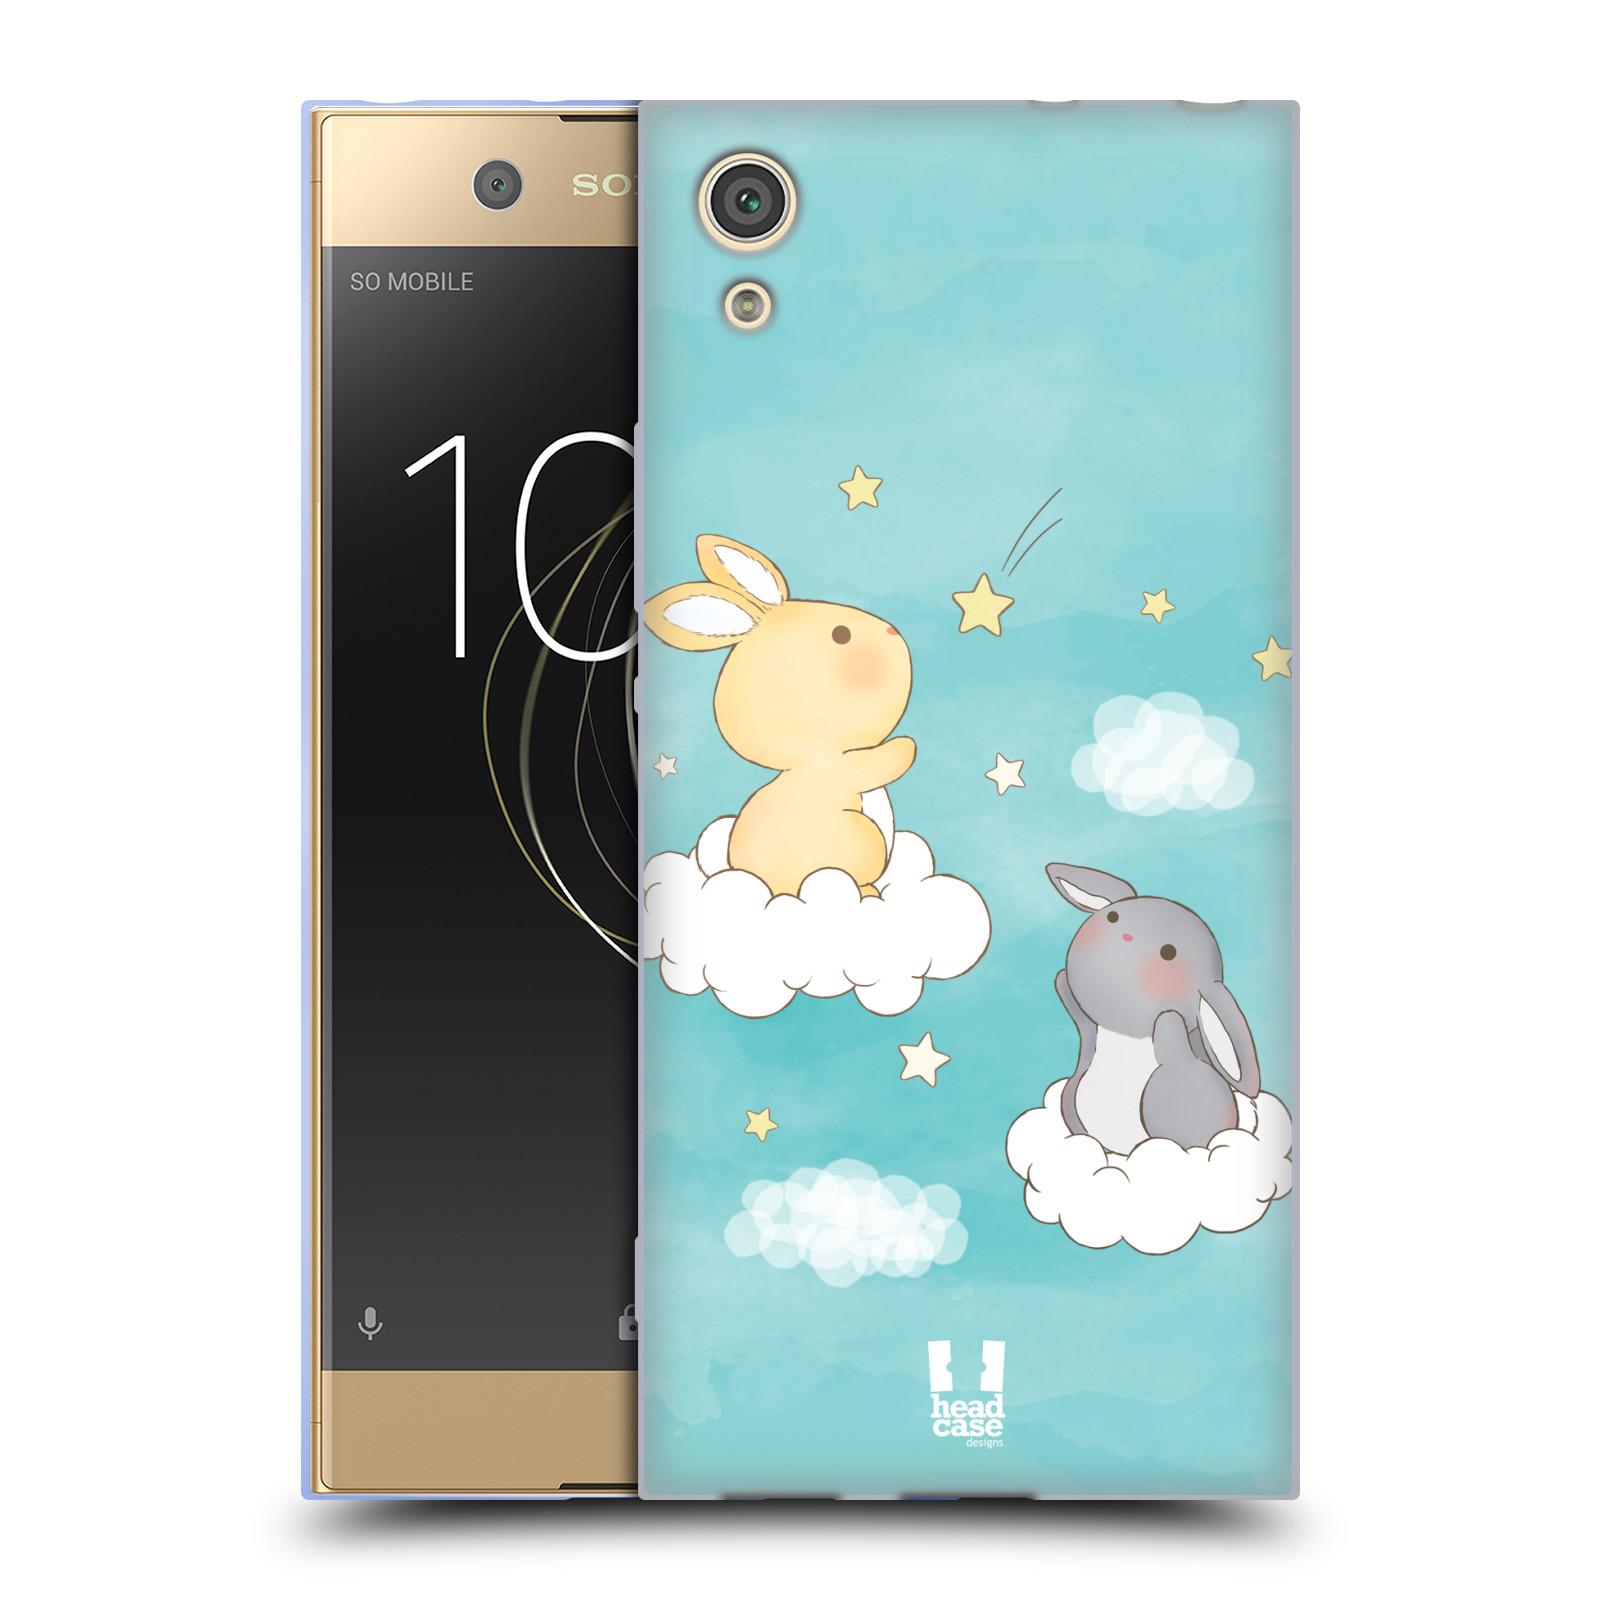 HEAD CASE silikonový obal na mobil Sony Xperia XA1 / XA1 DUAL SIM vzor králíček a hvězdy modrá